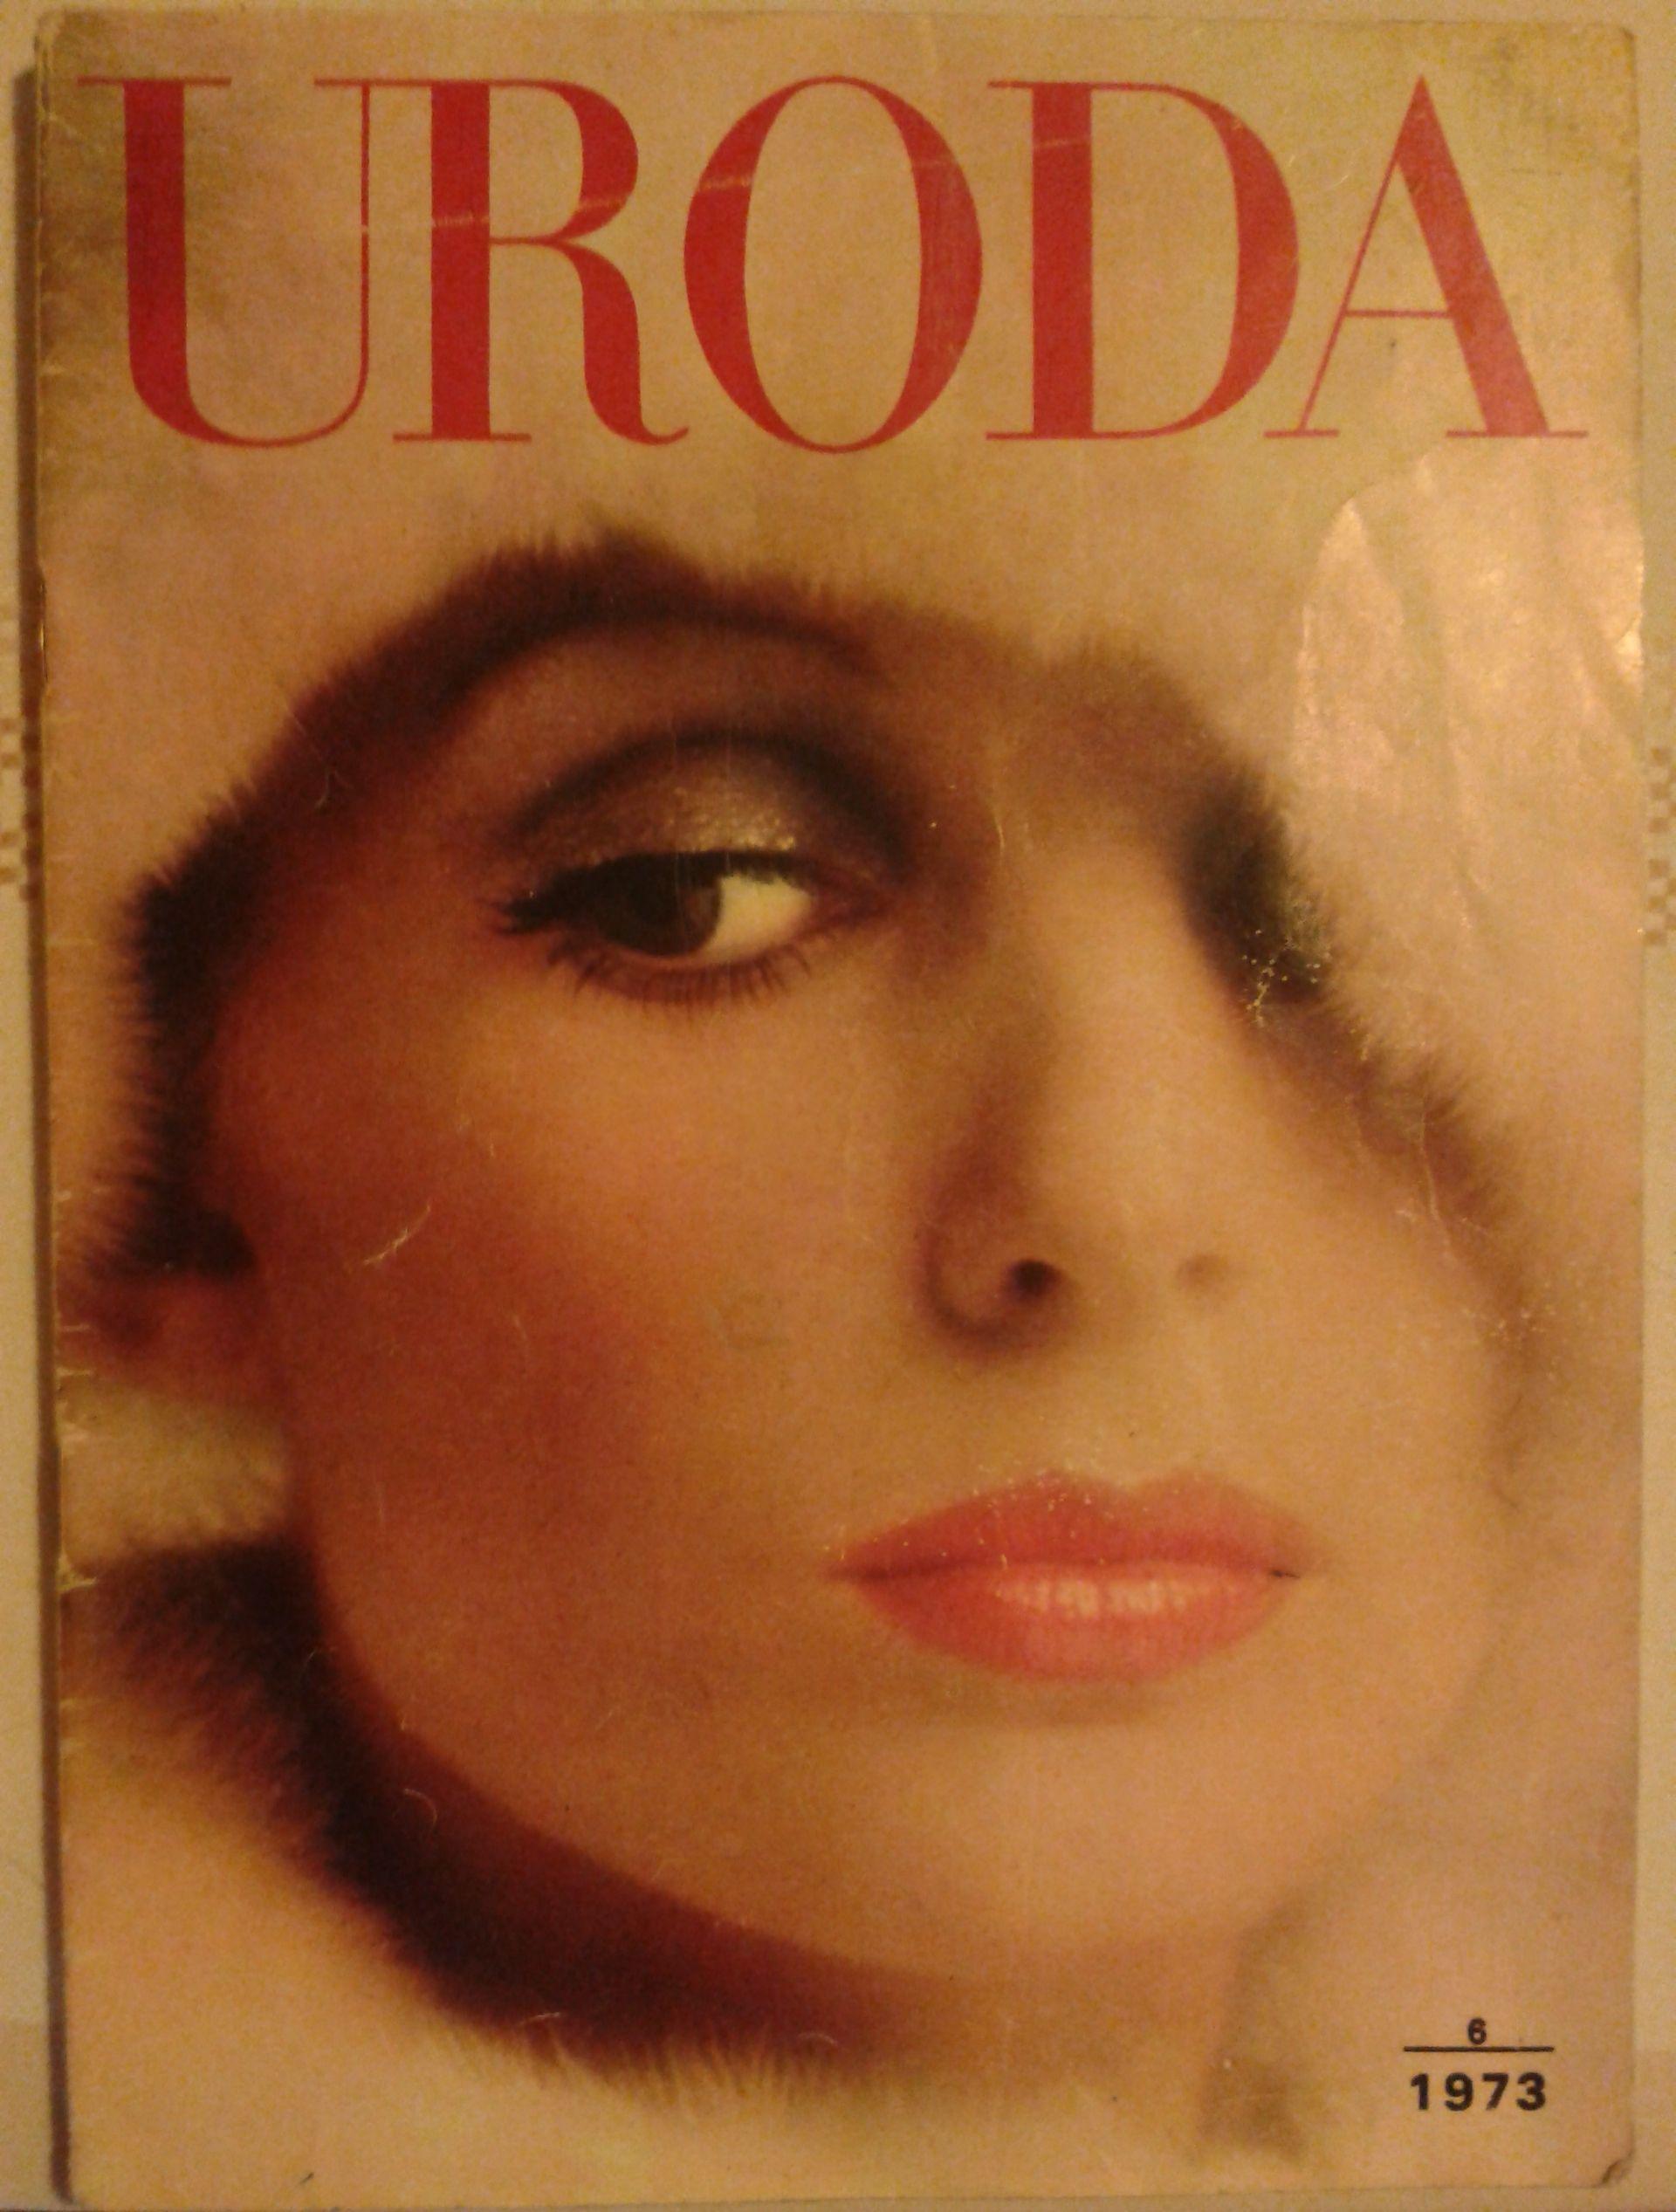 Czasopismo Gazeta Magazyn Prl Uroda Magazine Cover Nostalgia Poland Country